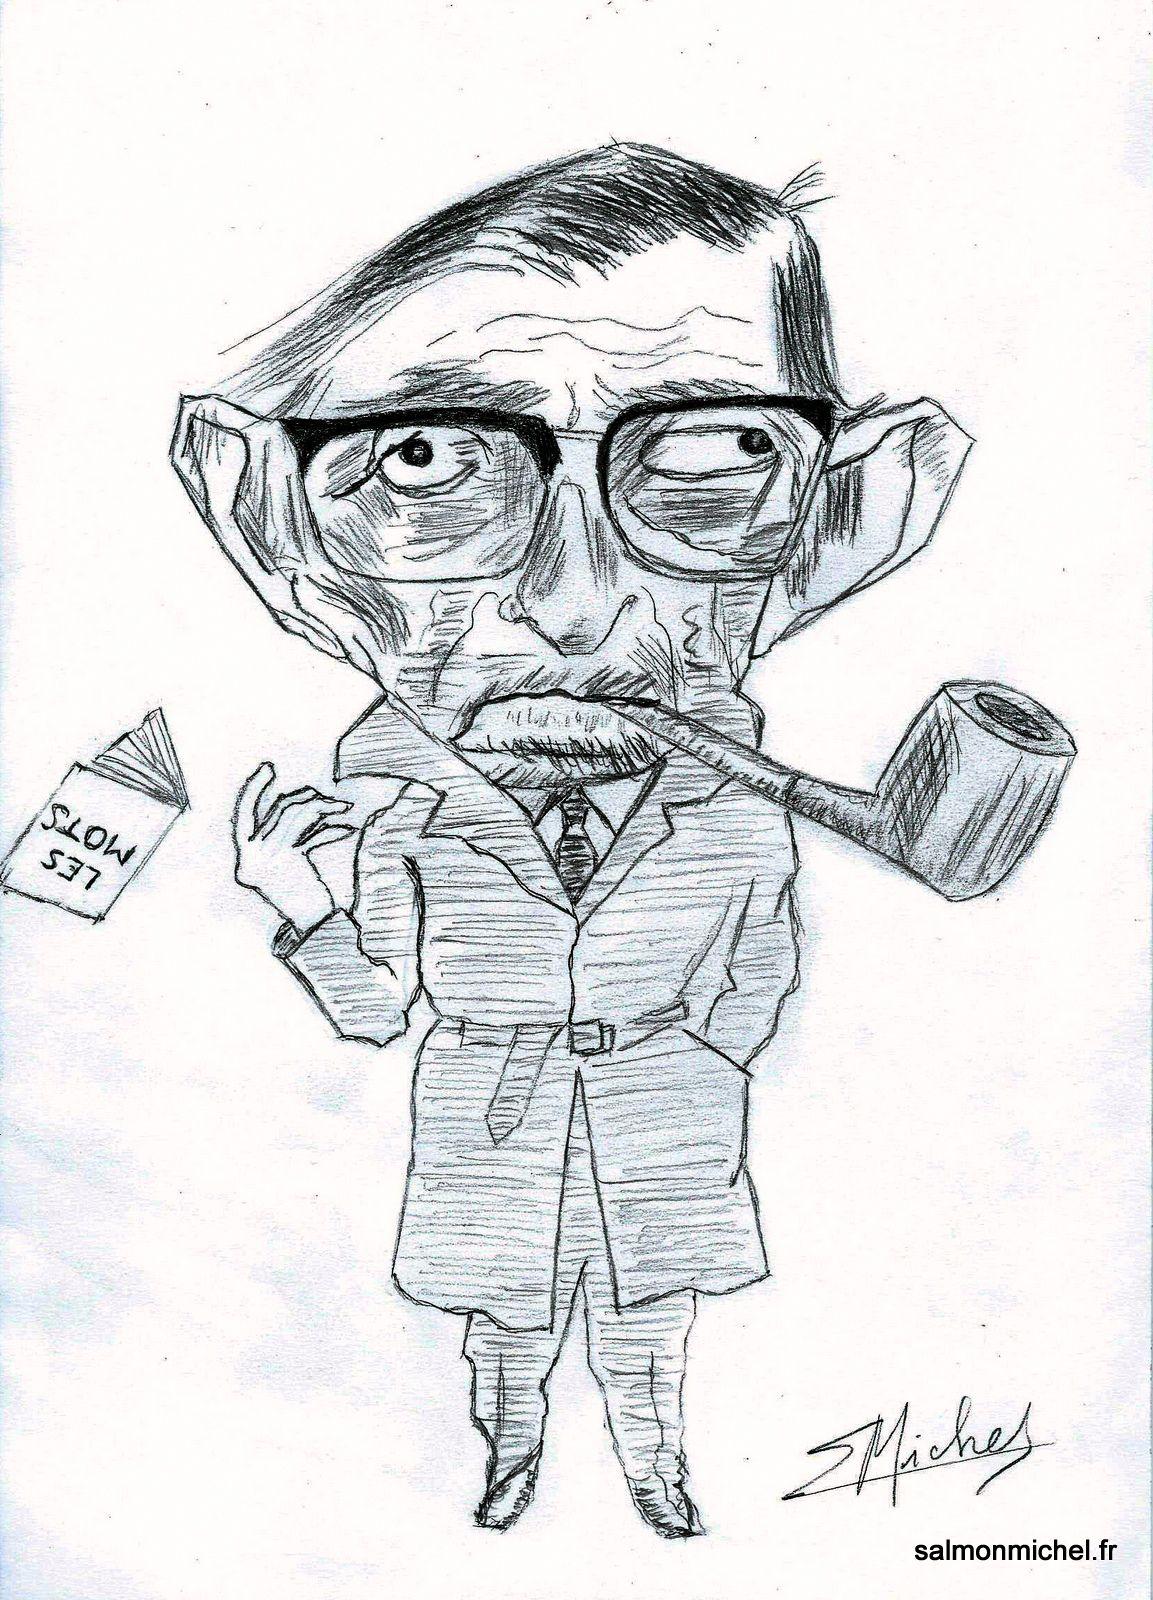 """Jean-Paul SARTRE - D'après le dessin de David Levine en couverture du livre """"Les mots"""" édition folio - Livre offert par le réseau TOTAL"""